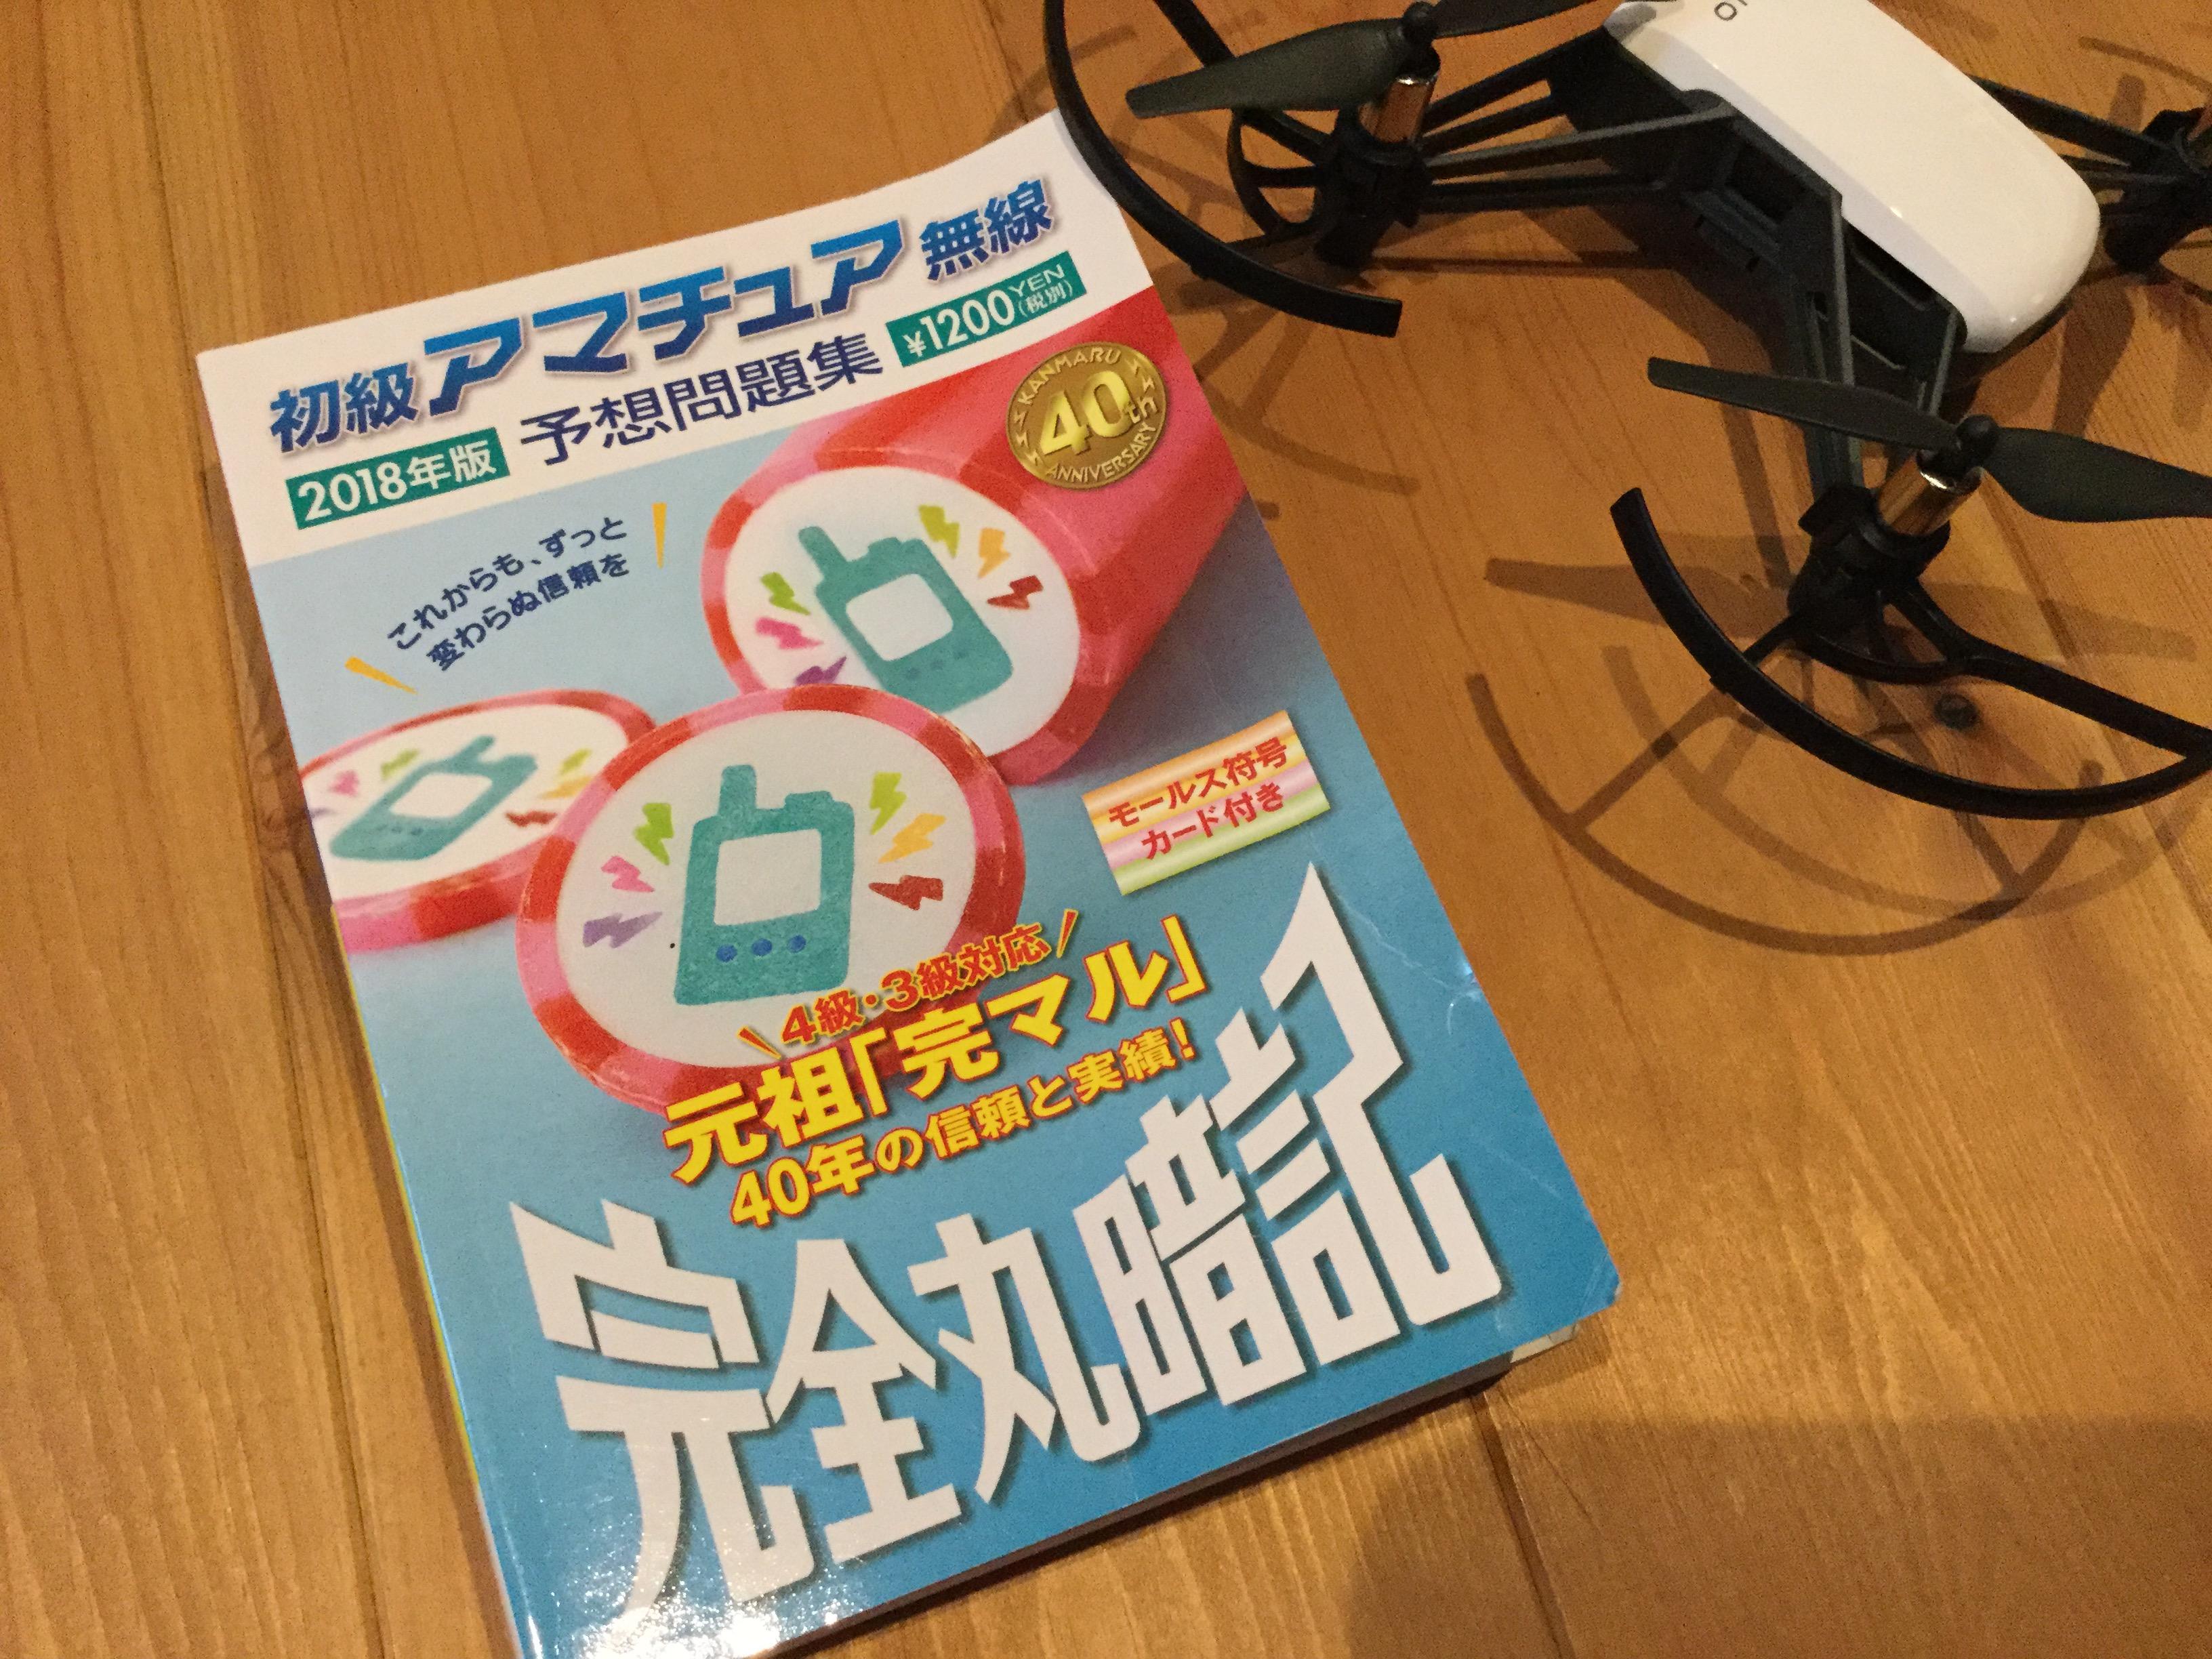 【ドローン】福島で一からドローンやります!資格:4級アマチュア無線試験の対策「完マル」参考書